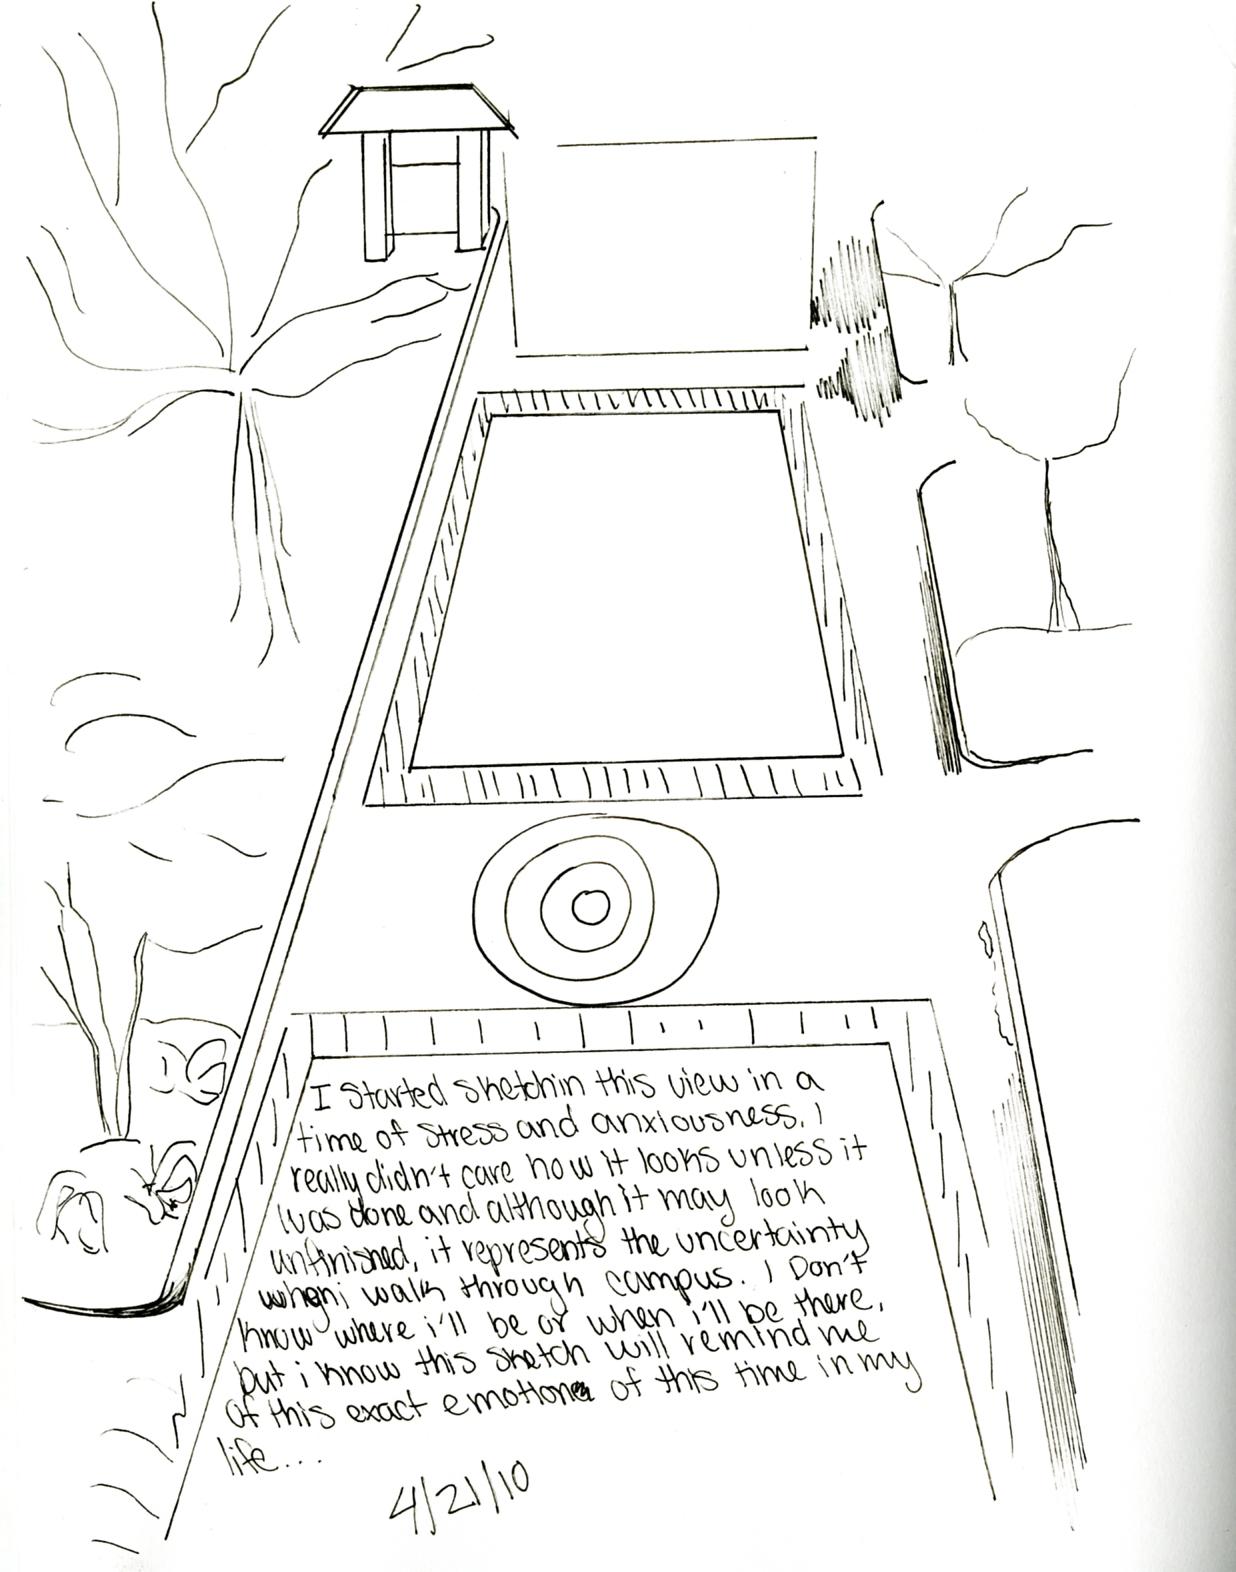 Stephanie Schmitt: Sketching Scavenger Hunt-Clue 1 4/22/10